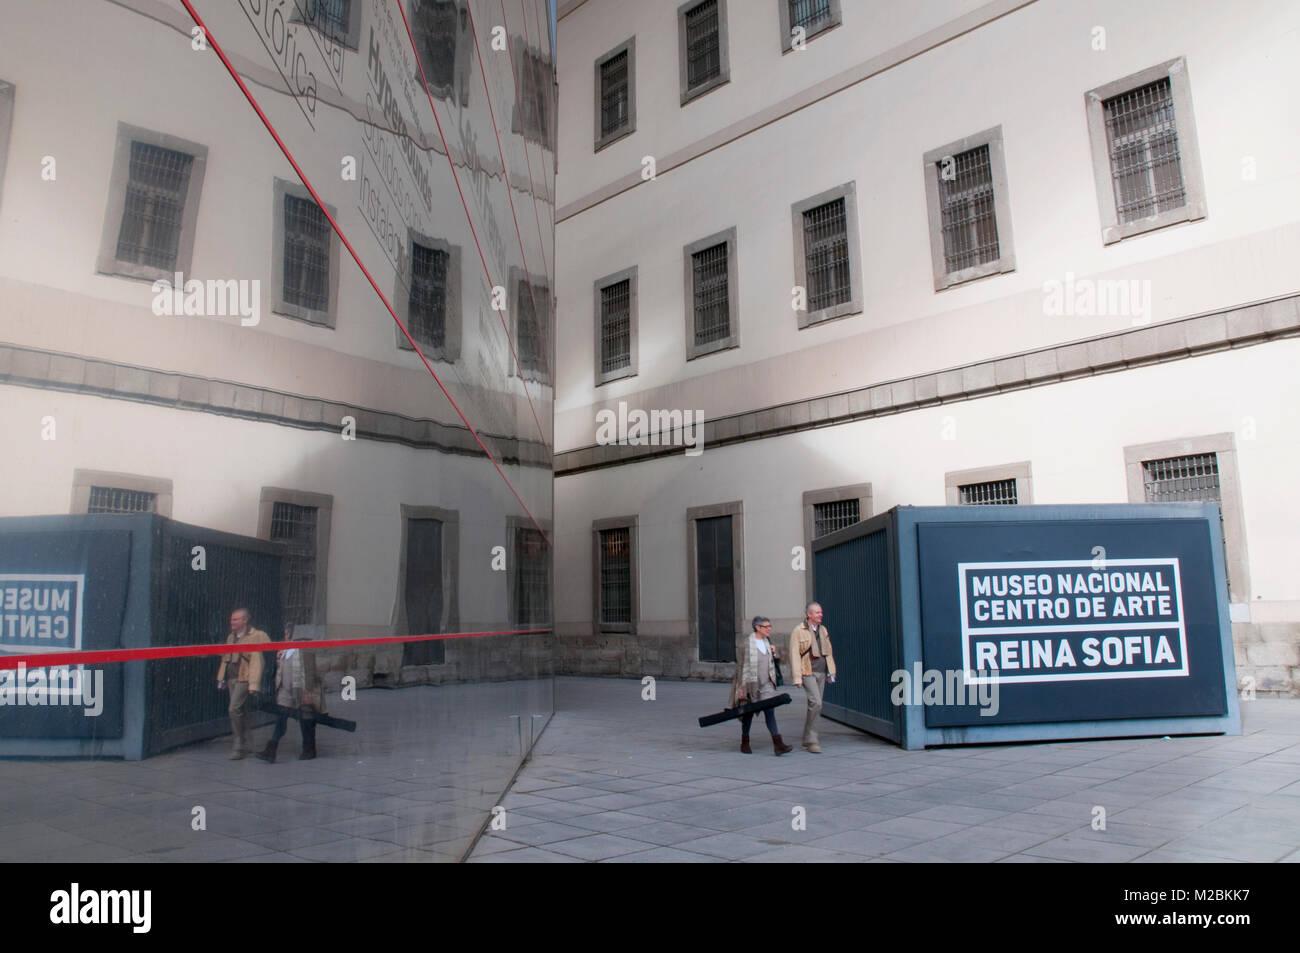 Facciata del Centro de Arte Reina Sofia Museo Nazionale. Madrid, Spagna. Immagini Stock